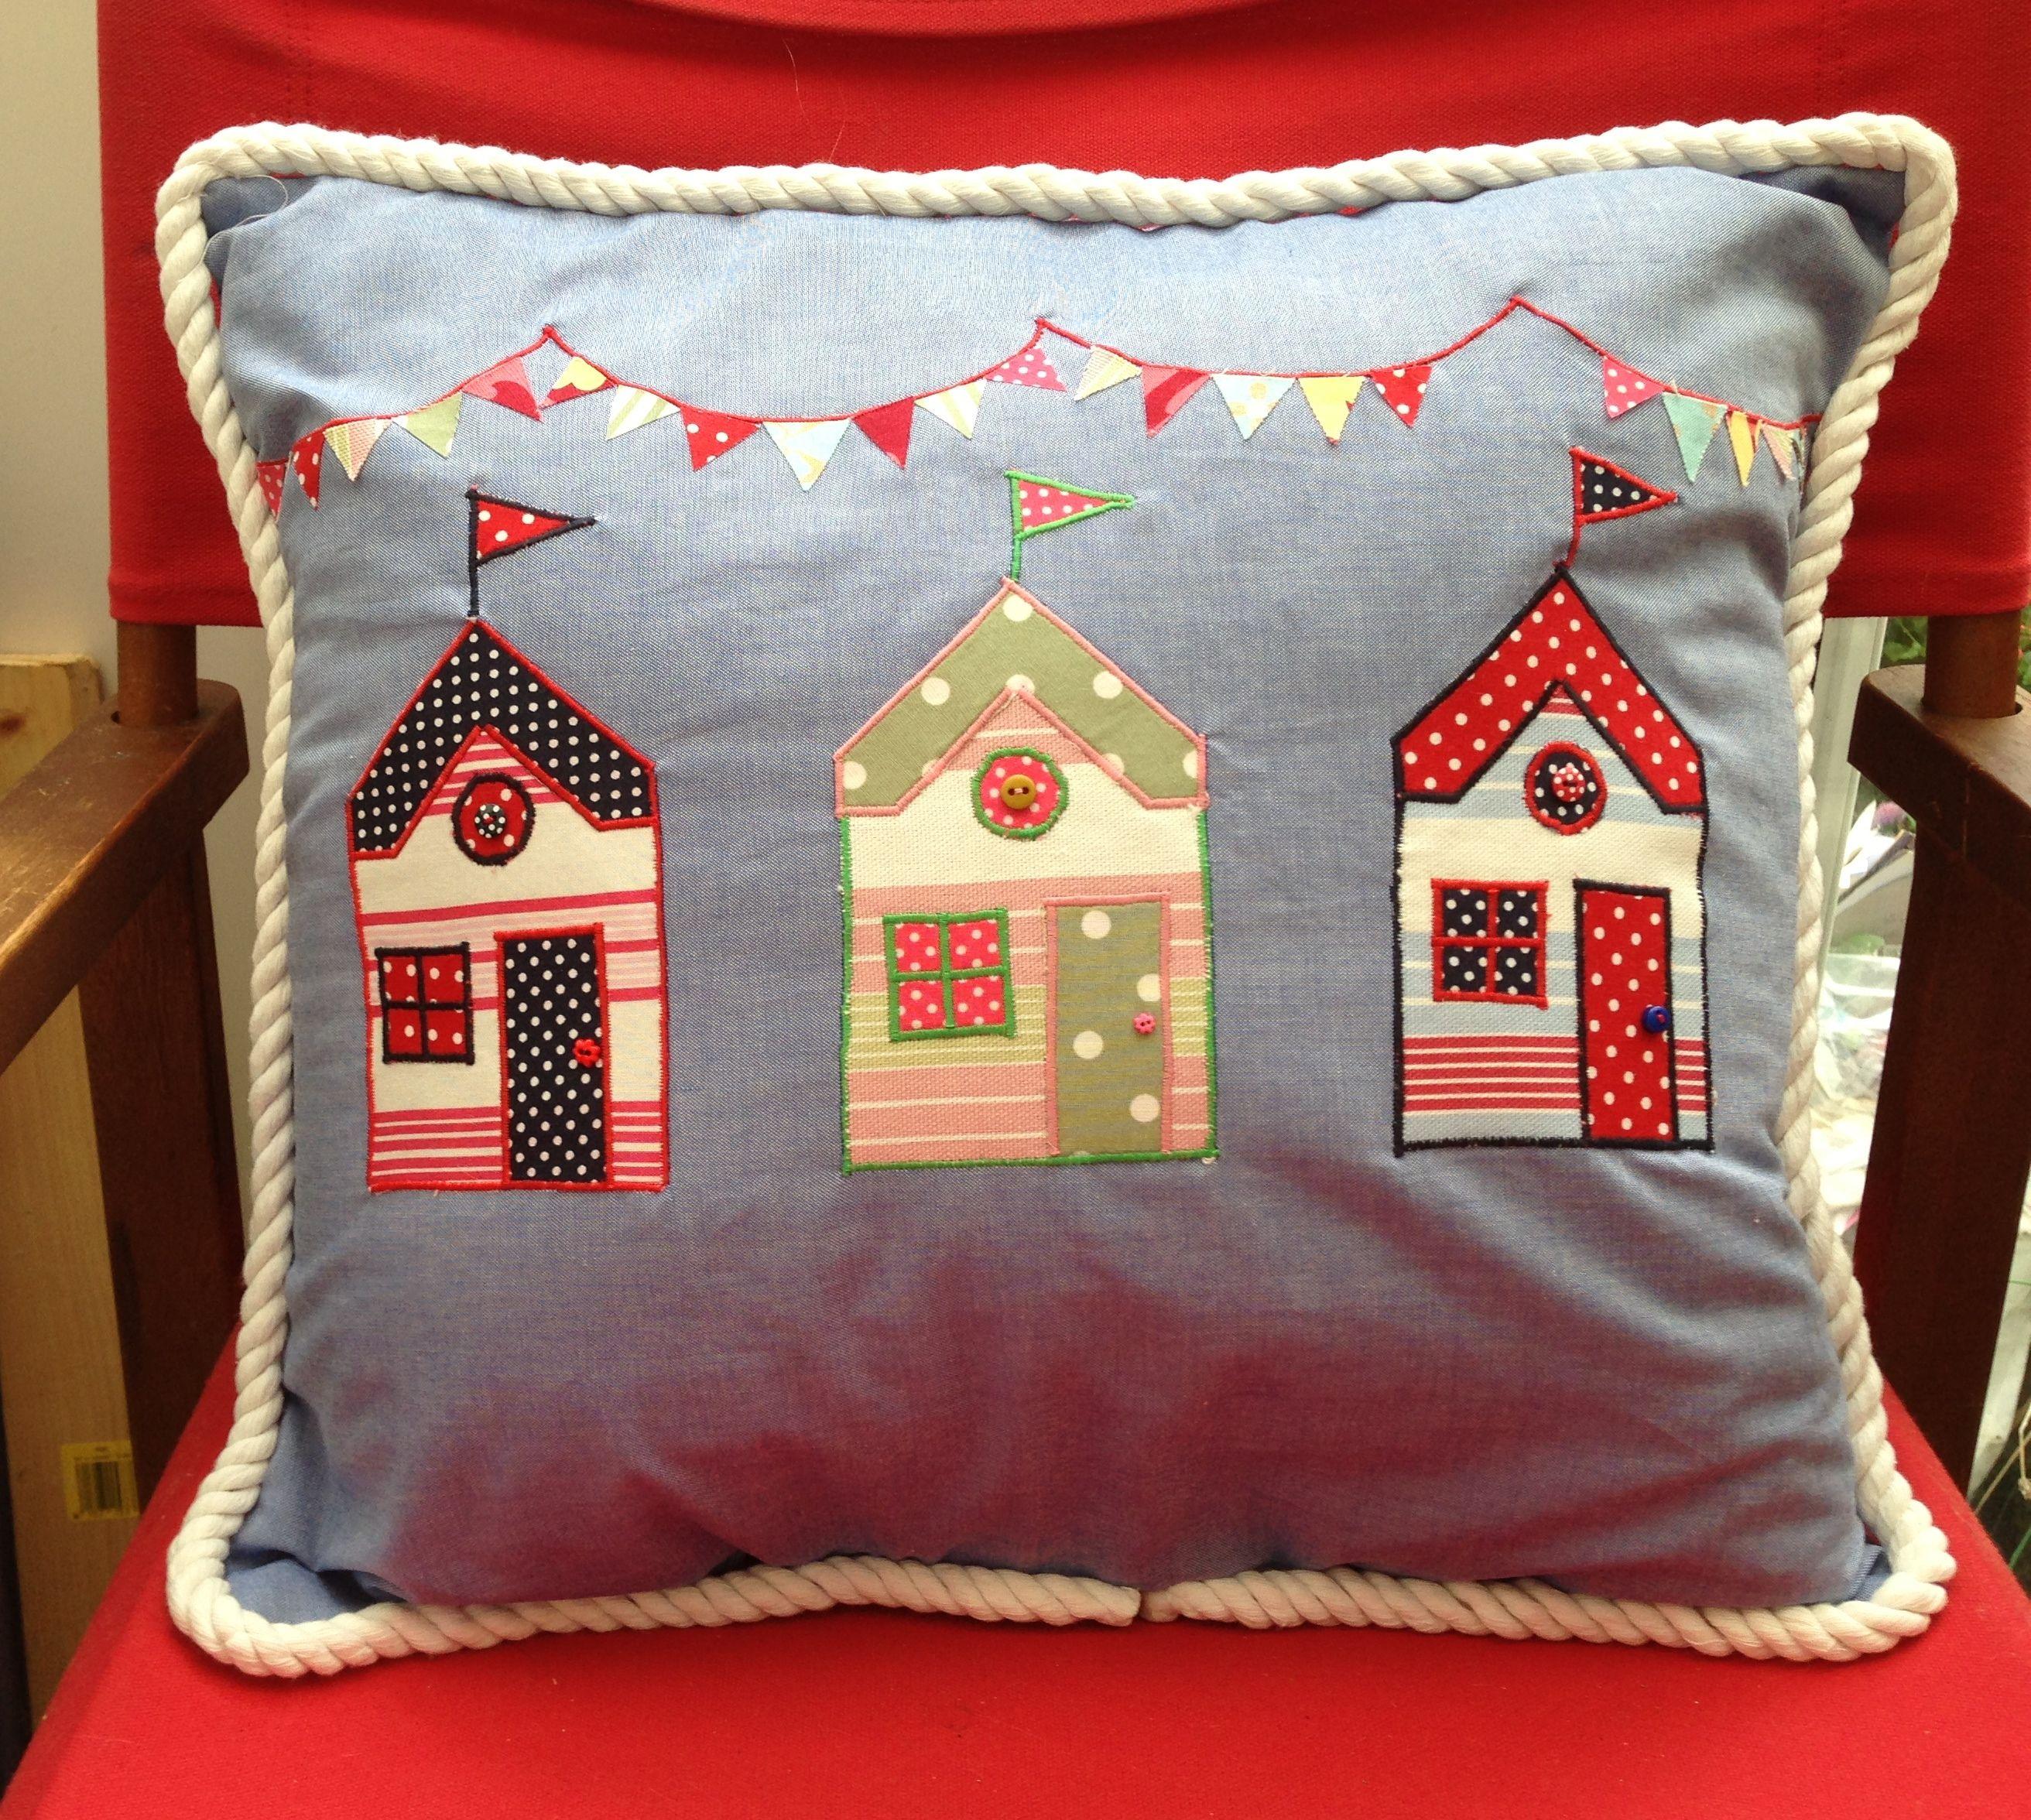 Beach Hut Machine Embroidery Design: Beach Hut Applique Cushion